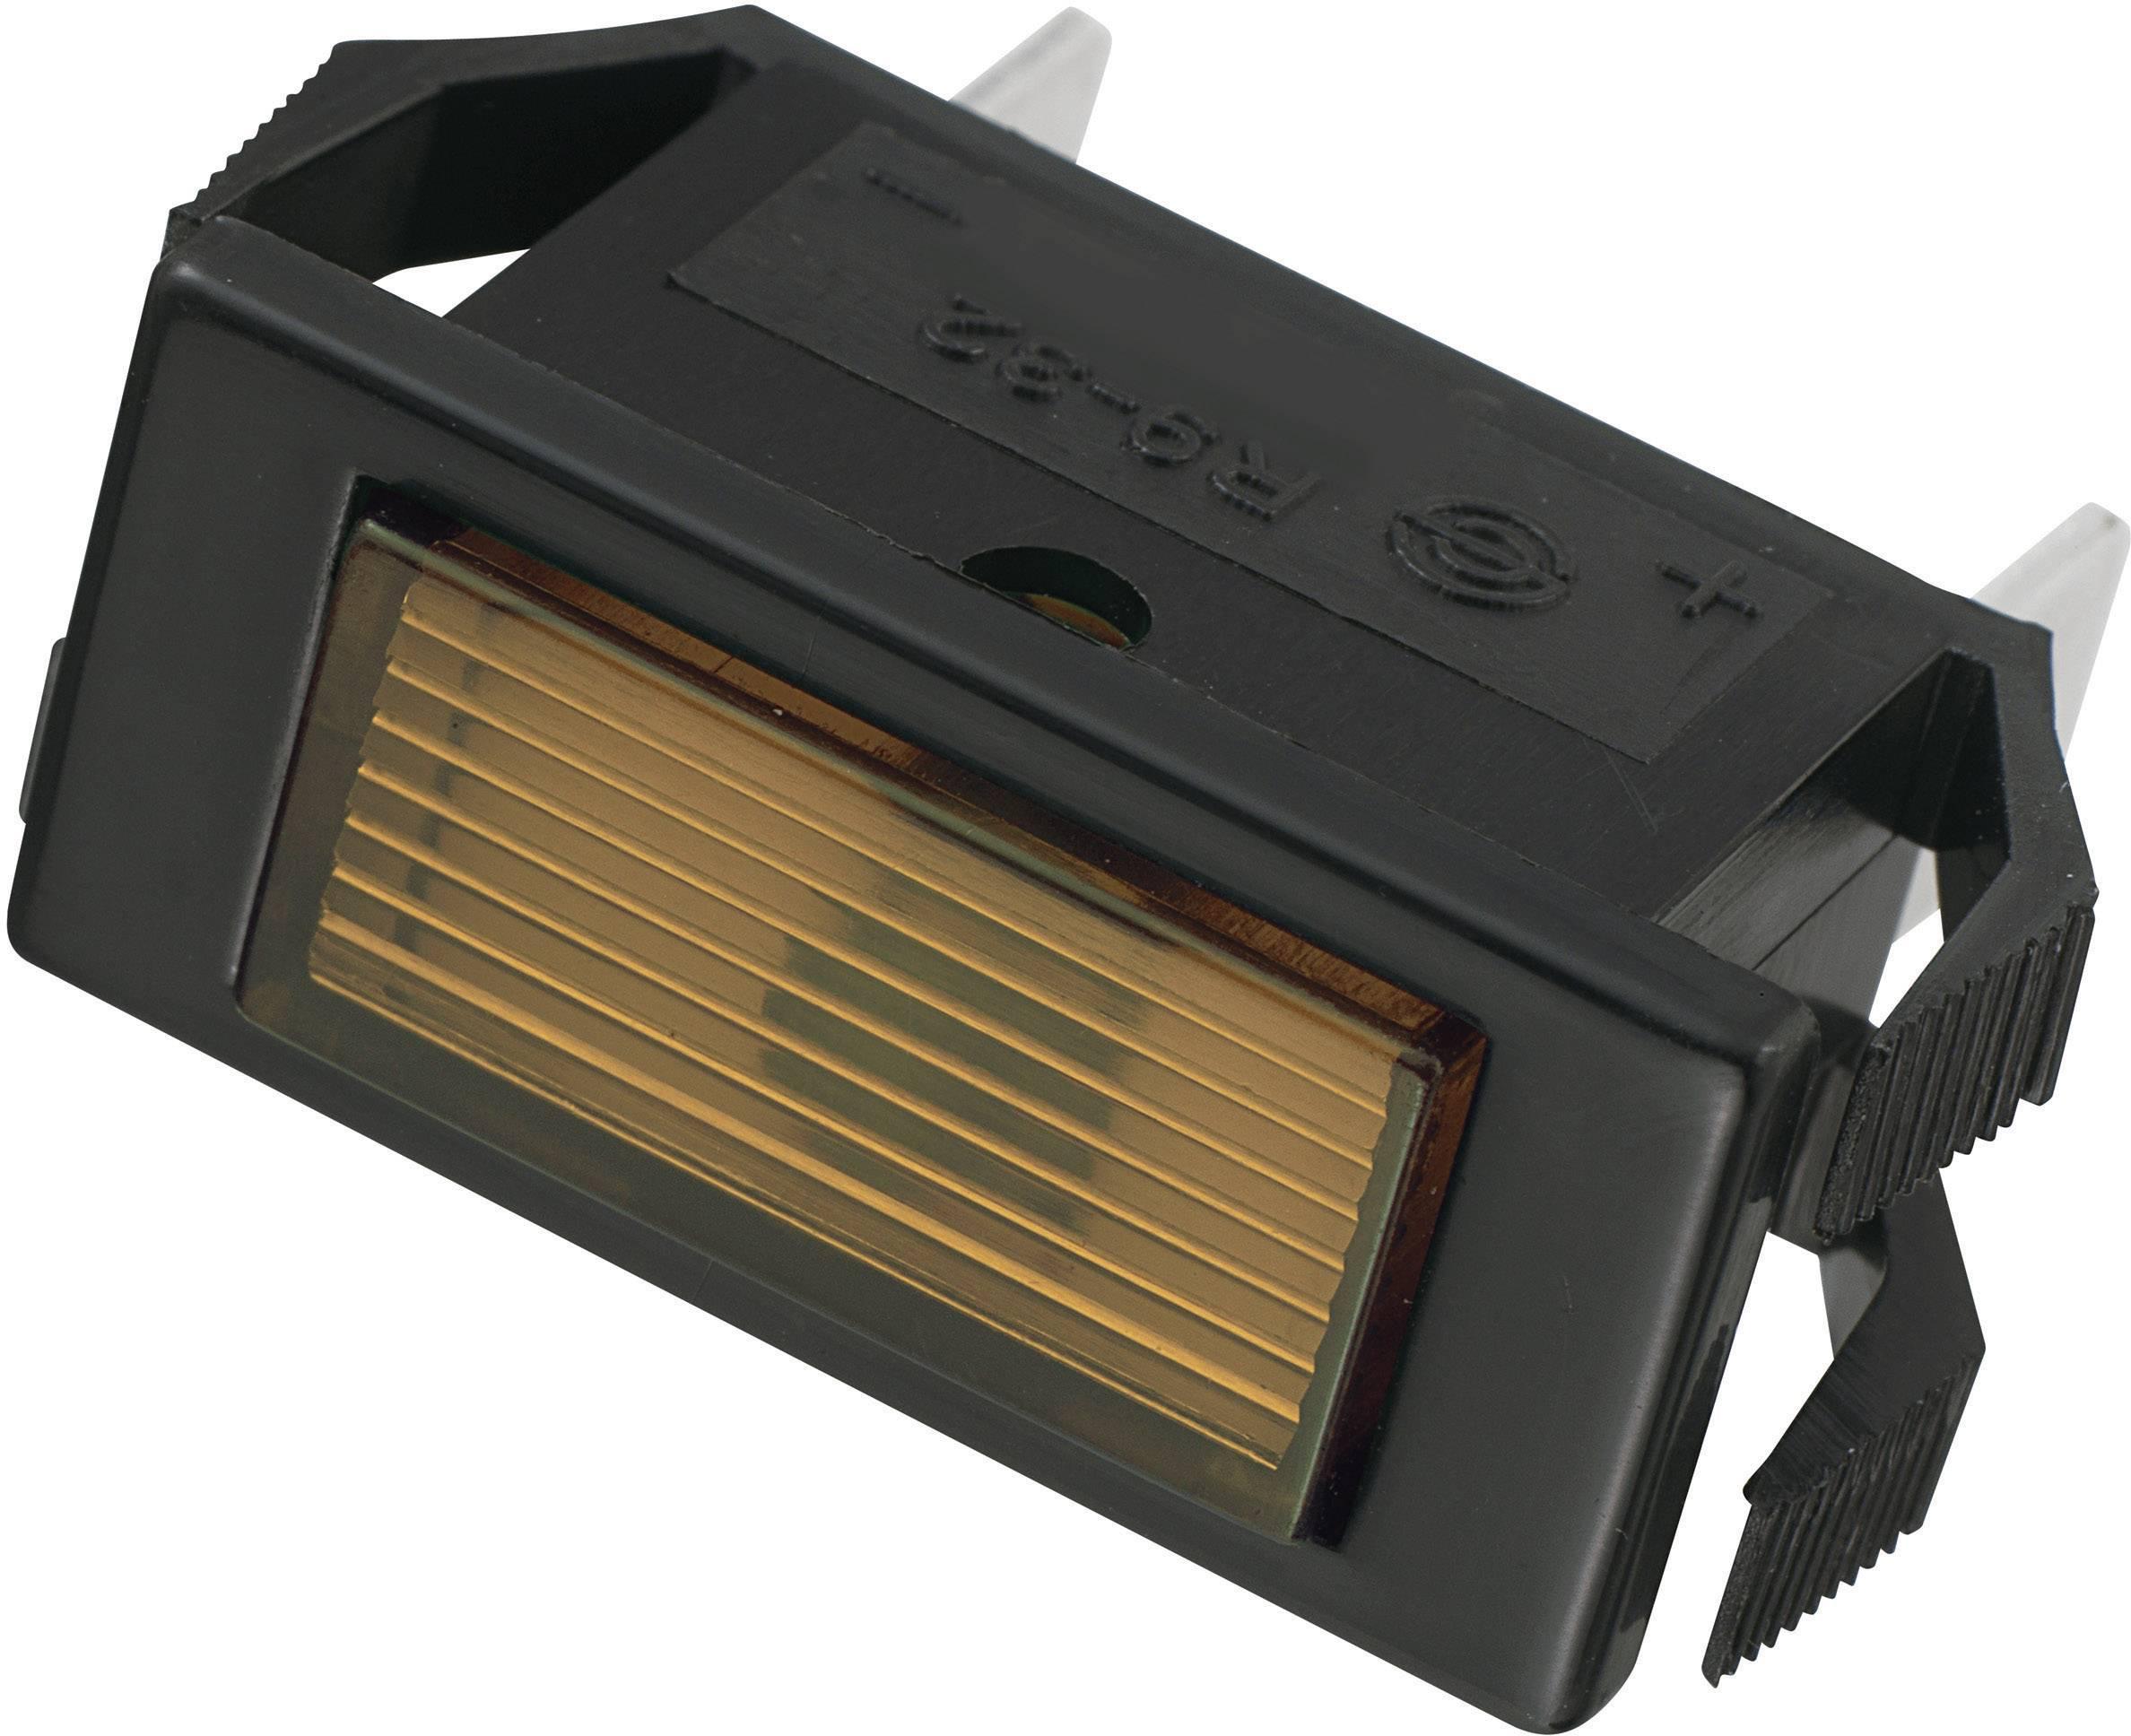 Signalizační světlo SCI, 12 V/DC, 23,9 mm, obdélníkové, jantarové